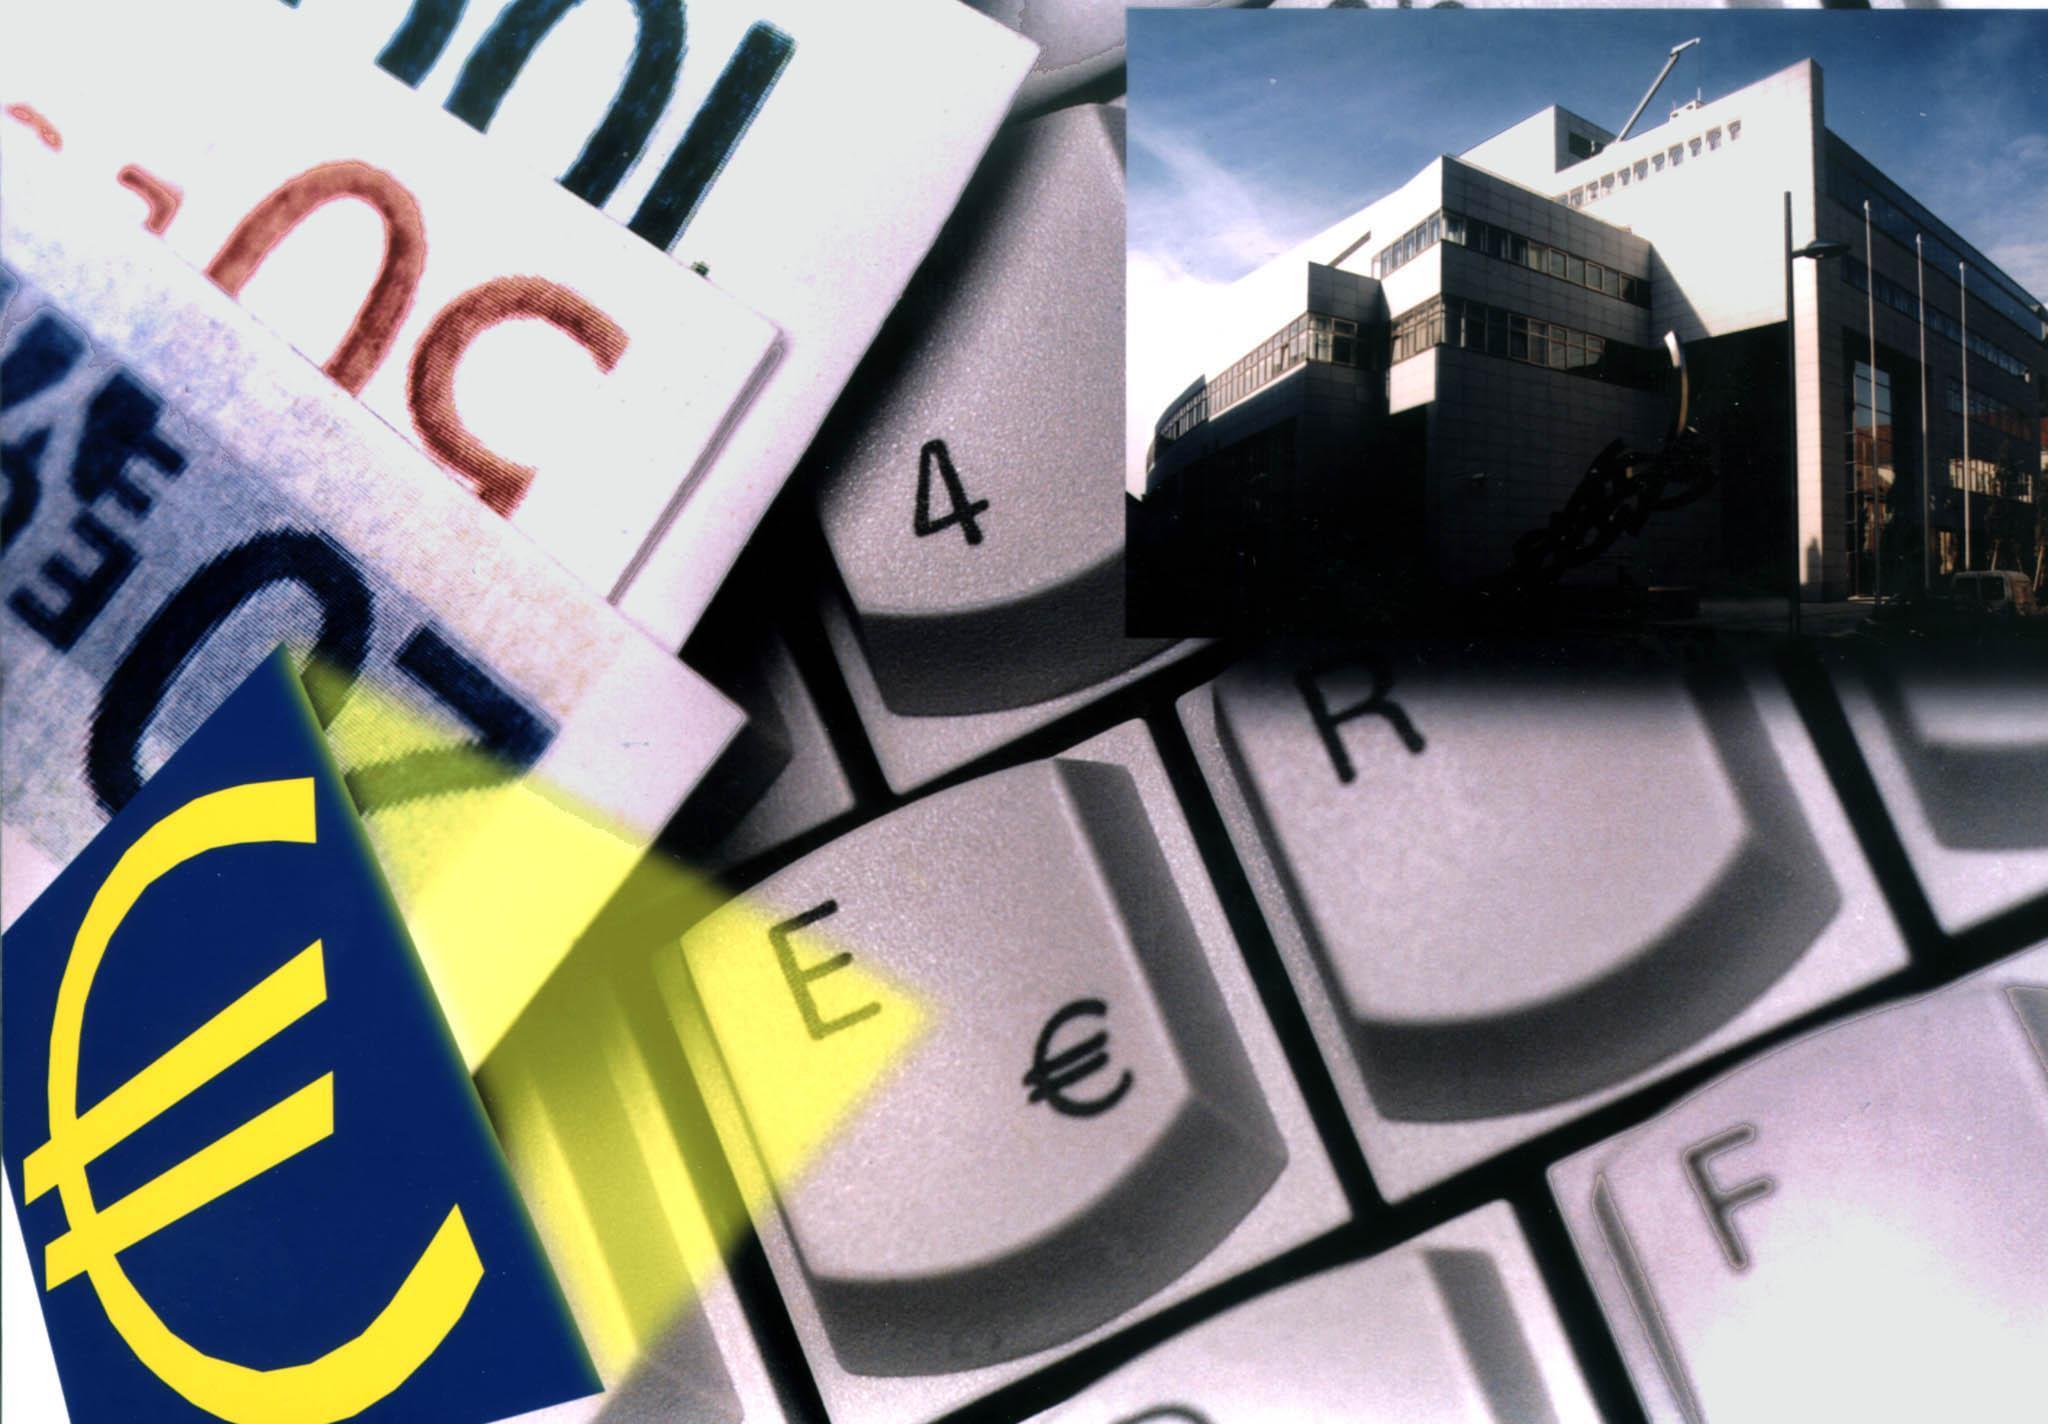 ZU OTS 106 - Für die komplette Neuausstattung der Österreichischen Nationalbank  mit PC-Arbeitsplätzen liefert Siemens Nixdorf 1045 Personal Computer mit Euro-Tastatur.    APA-Photo: OTS/Siemens Nixdorf